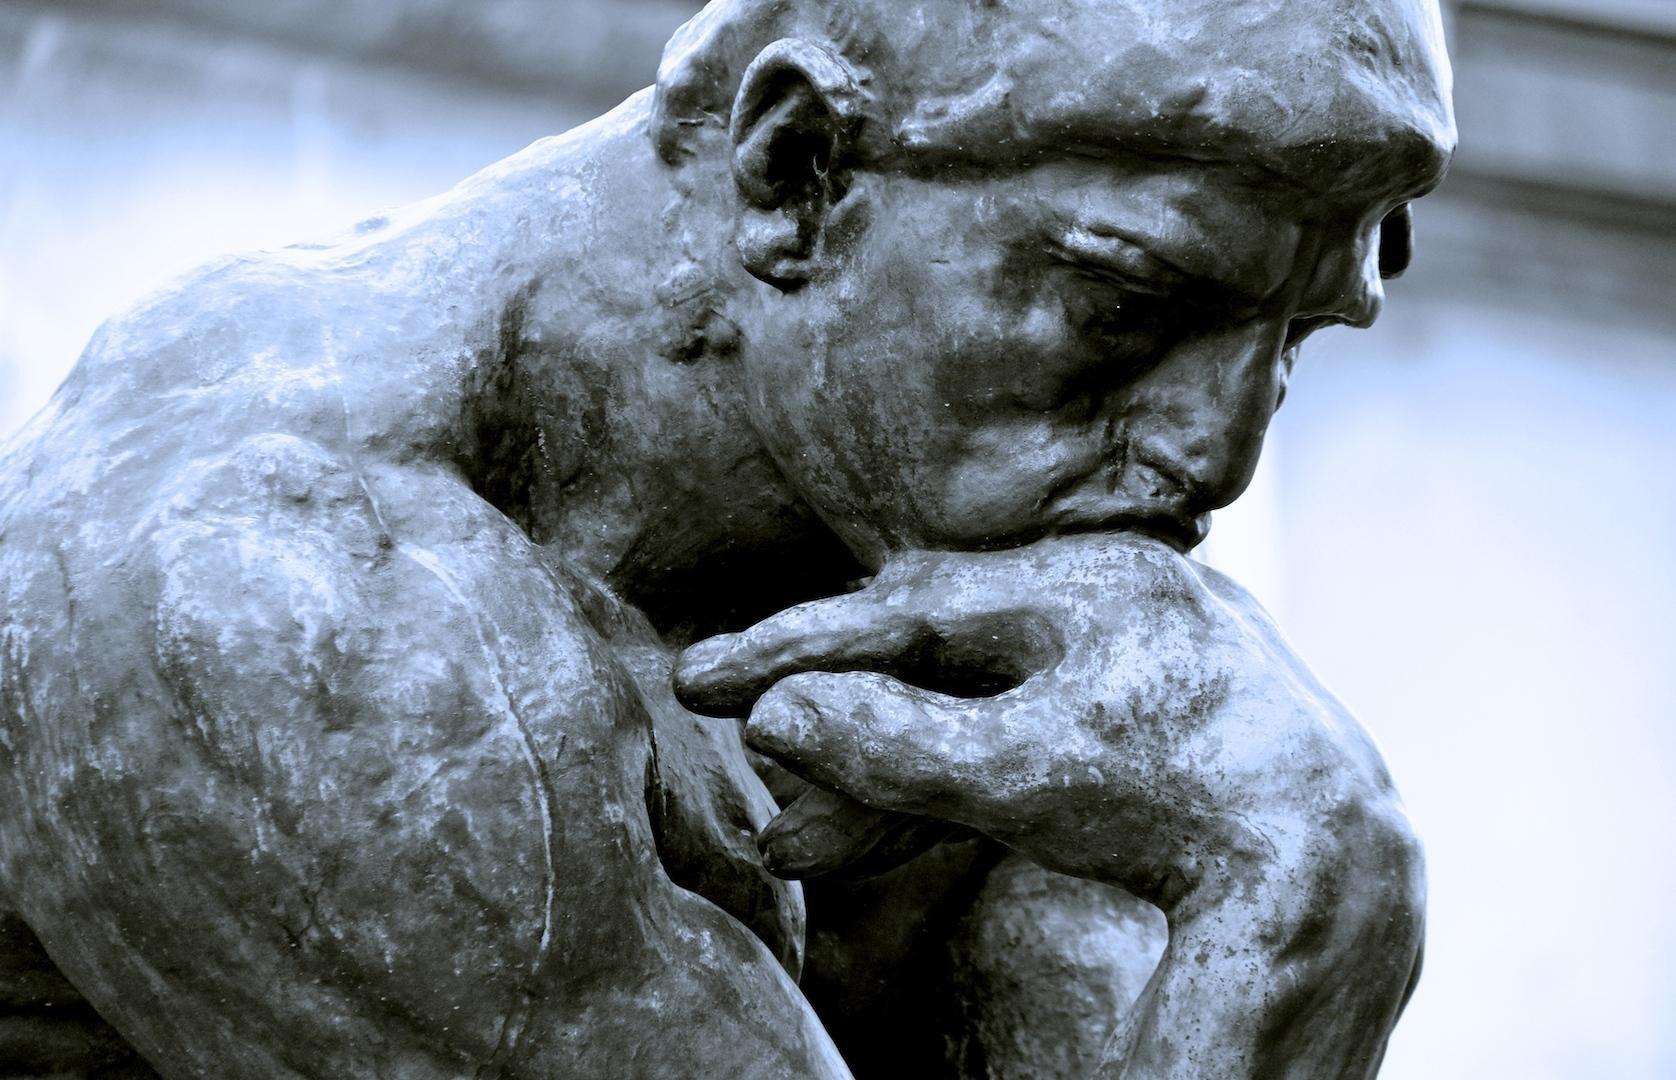 Philosophisches Nachtcafé: Manfred Huth: Zukunft braucht Herkunft? Zum Spannungsfeld zwischen Herkunftsorientierung und Zukunftsgestaltung - © Renaud Camus